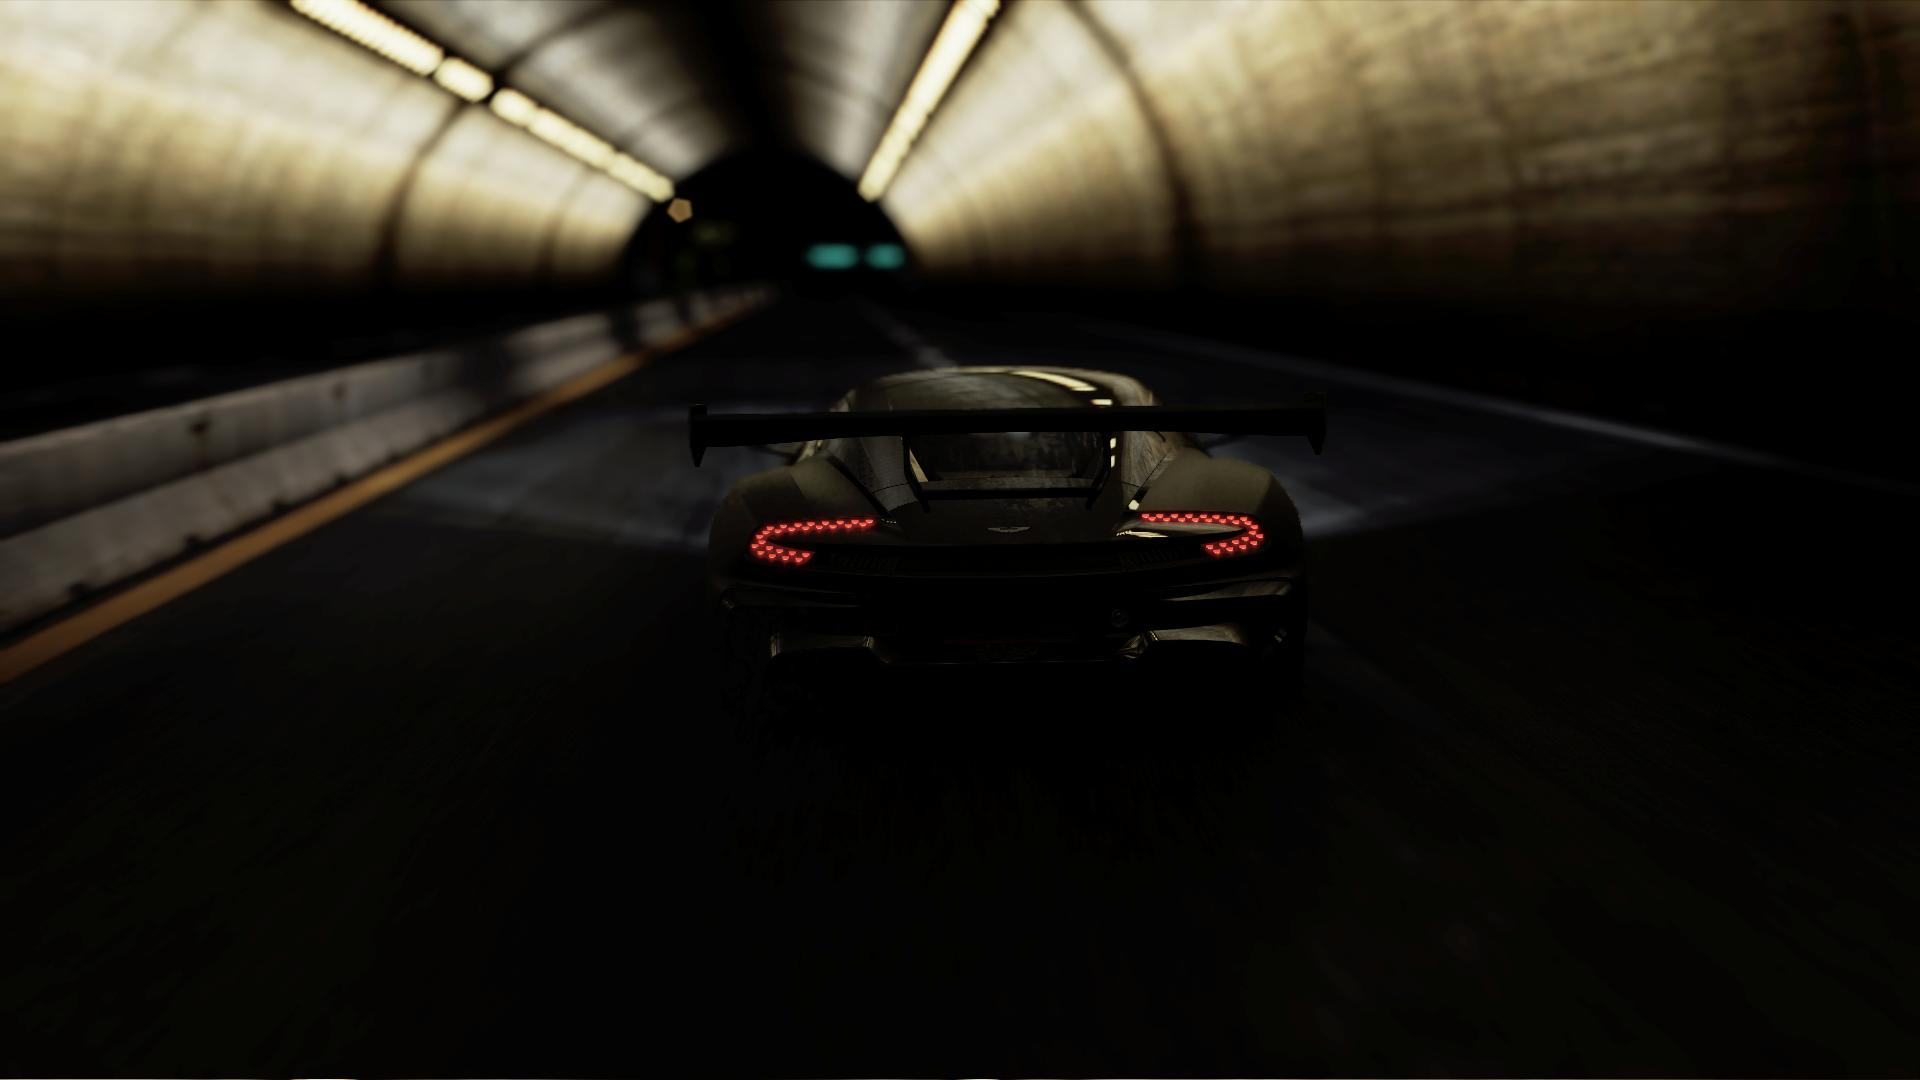 Aston martin vulcan hd wallpaper background image 1920x1080 id 874875 wallpaper abyss - Vulcan wallpaper ...